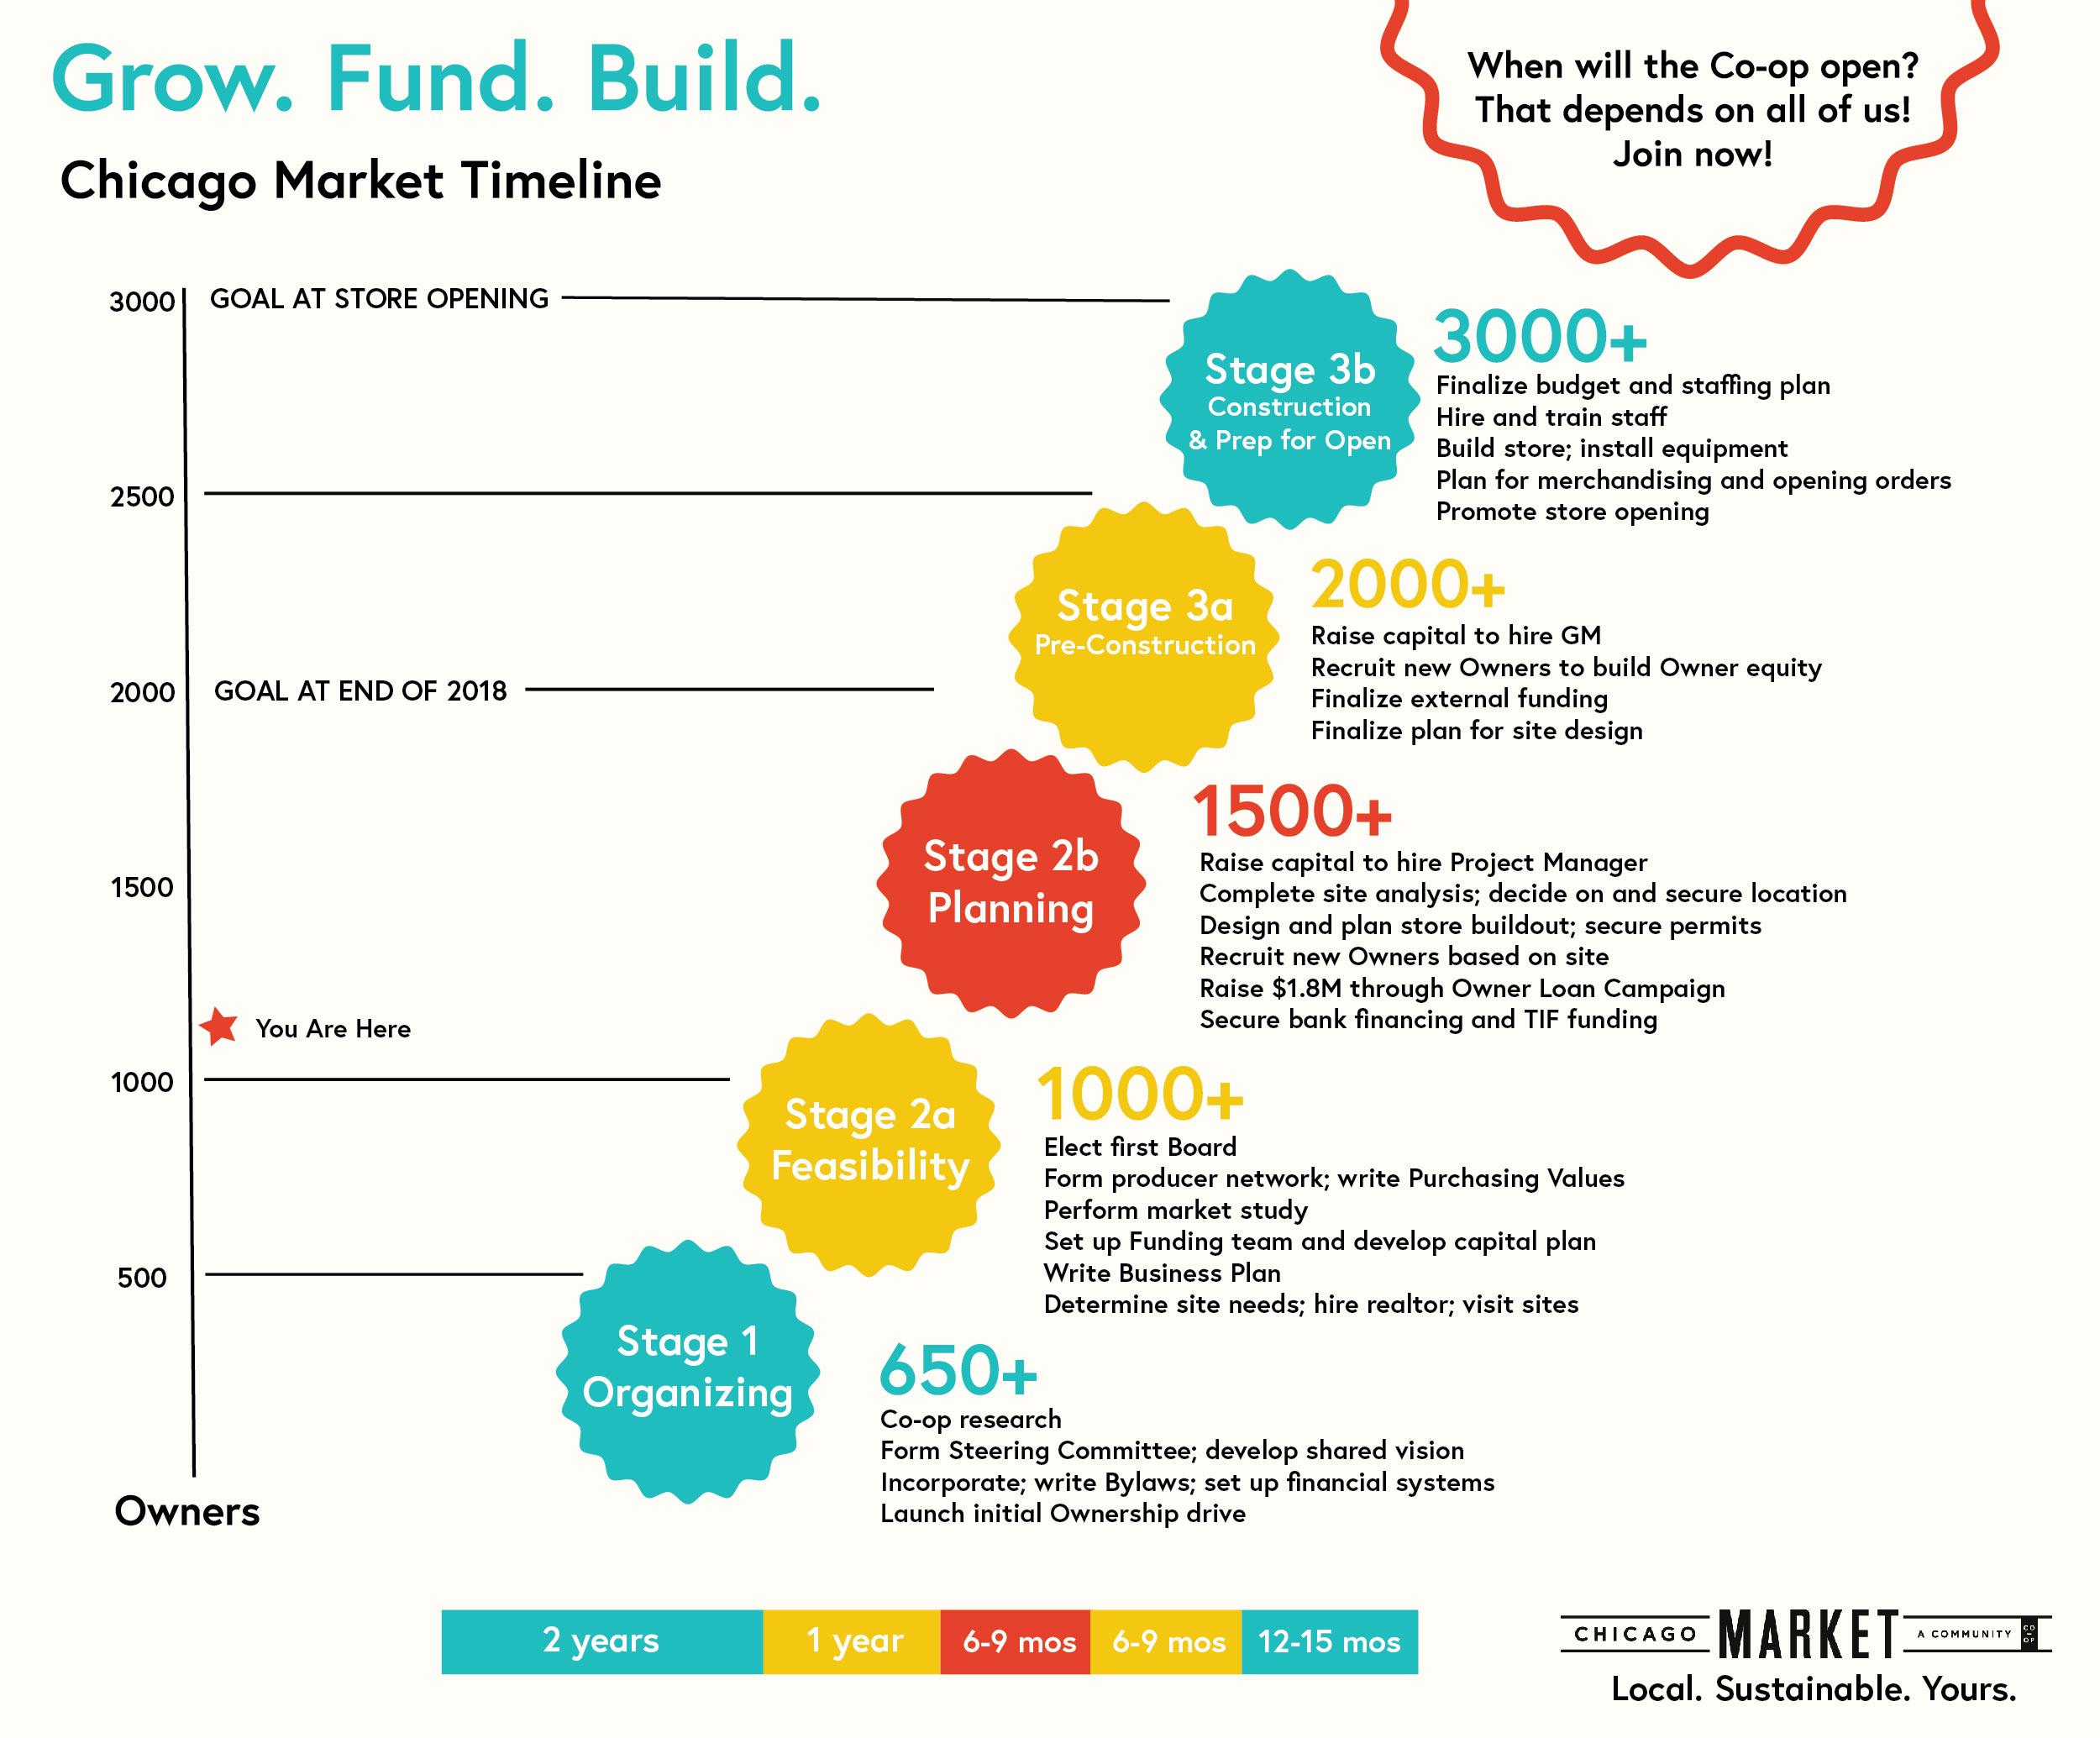 Chicago Market Timeline